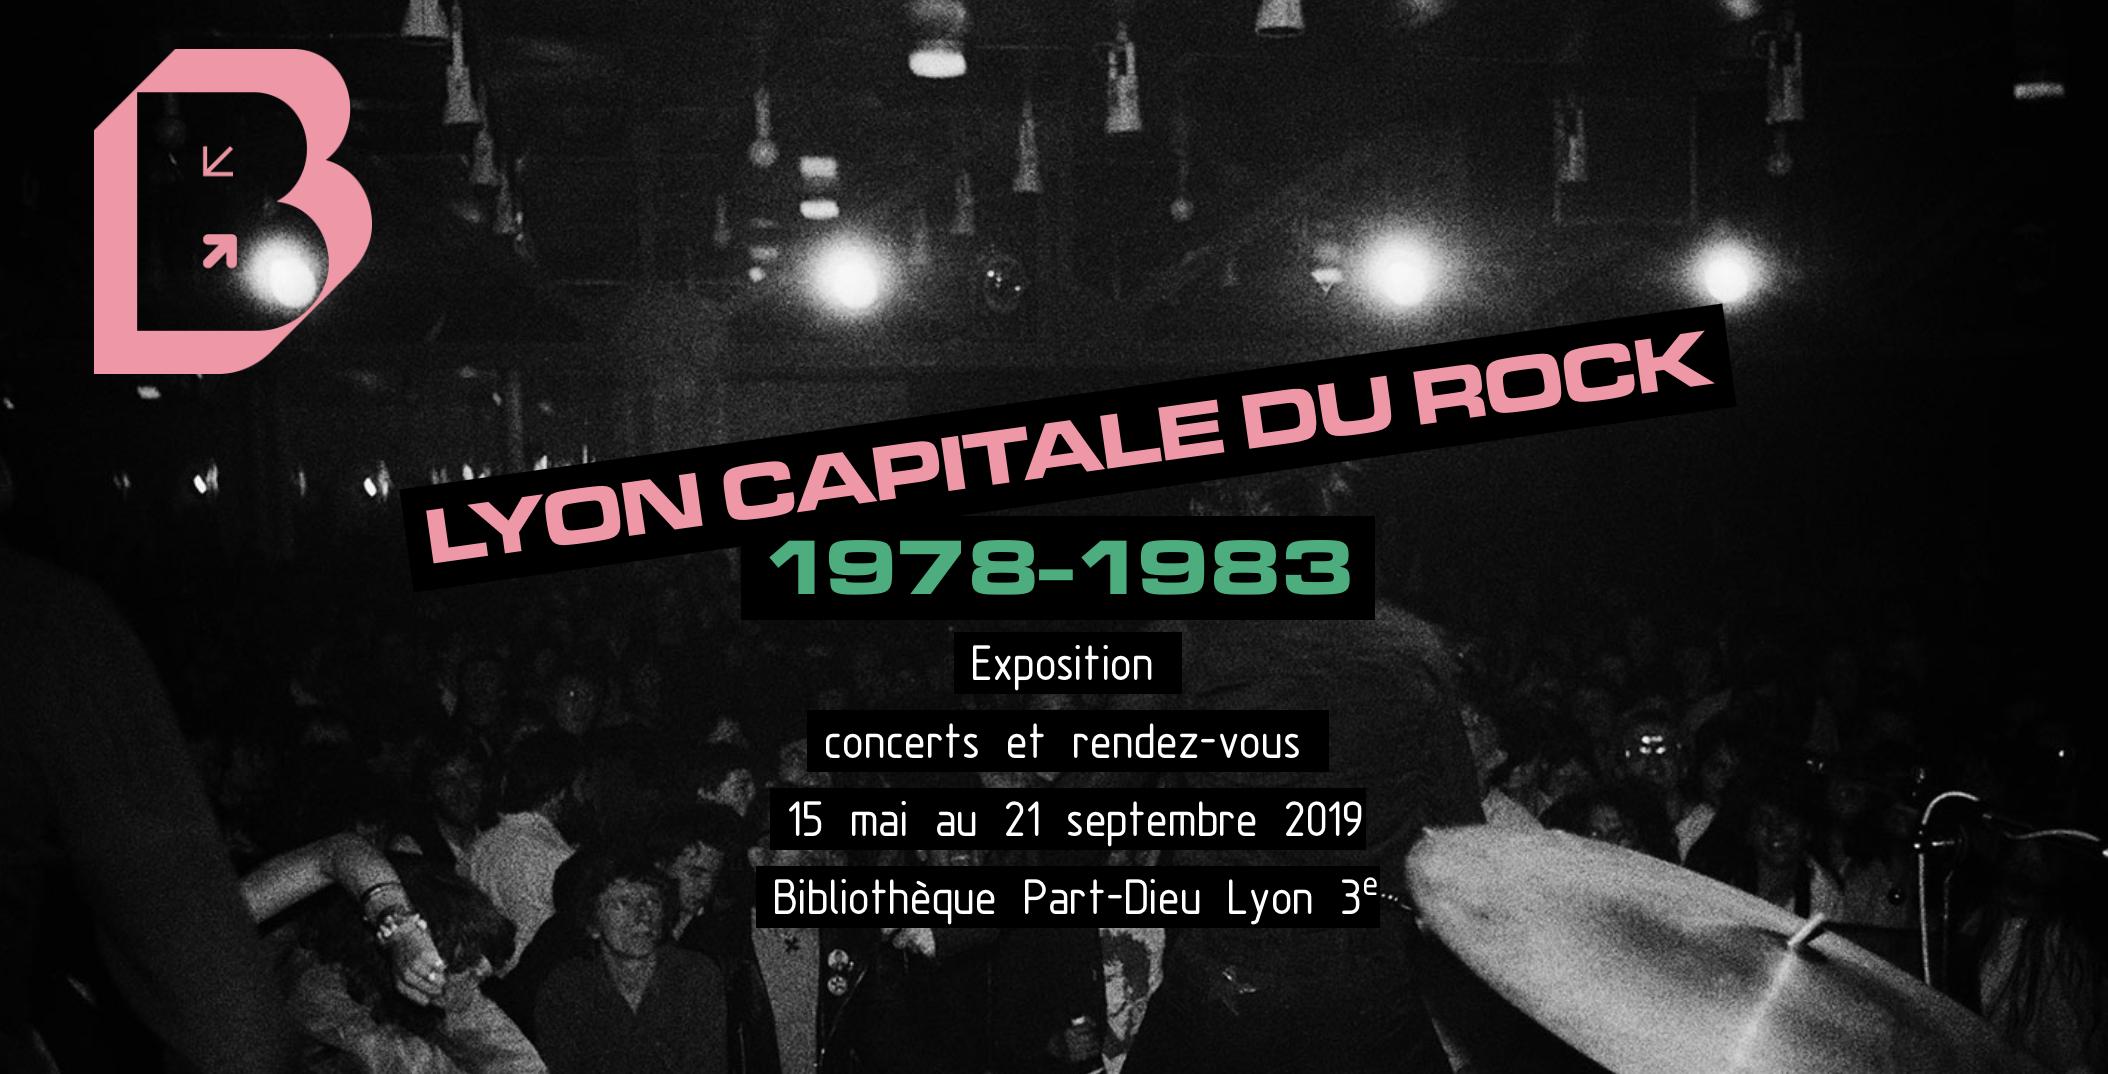 Lyon capitale du rock - 1978-1983 - Bibliothèque municipale de Lyon